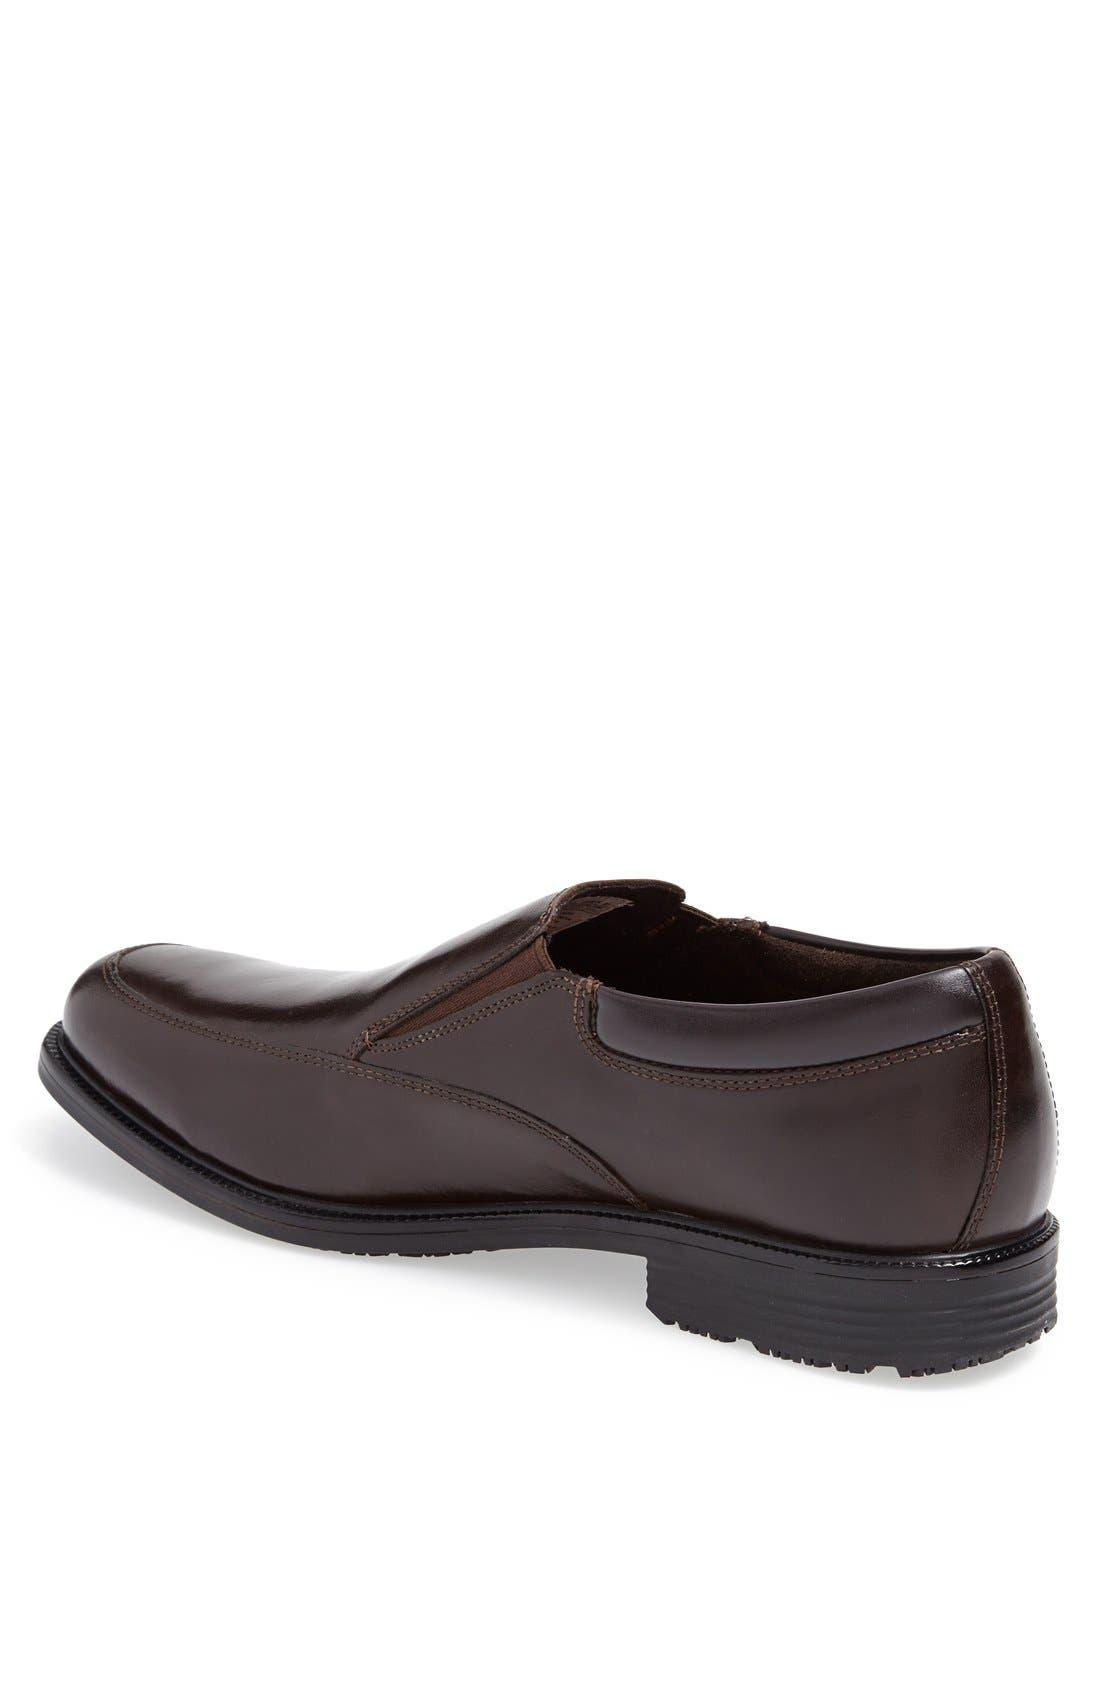 Alternate Image 2  - Rockport 'Essential Details' Waterproof Loafer (Men)